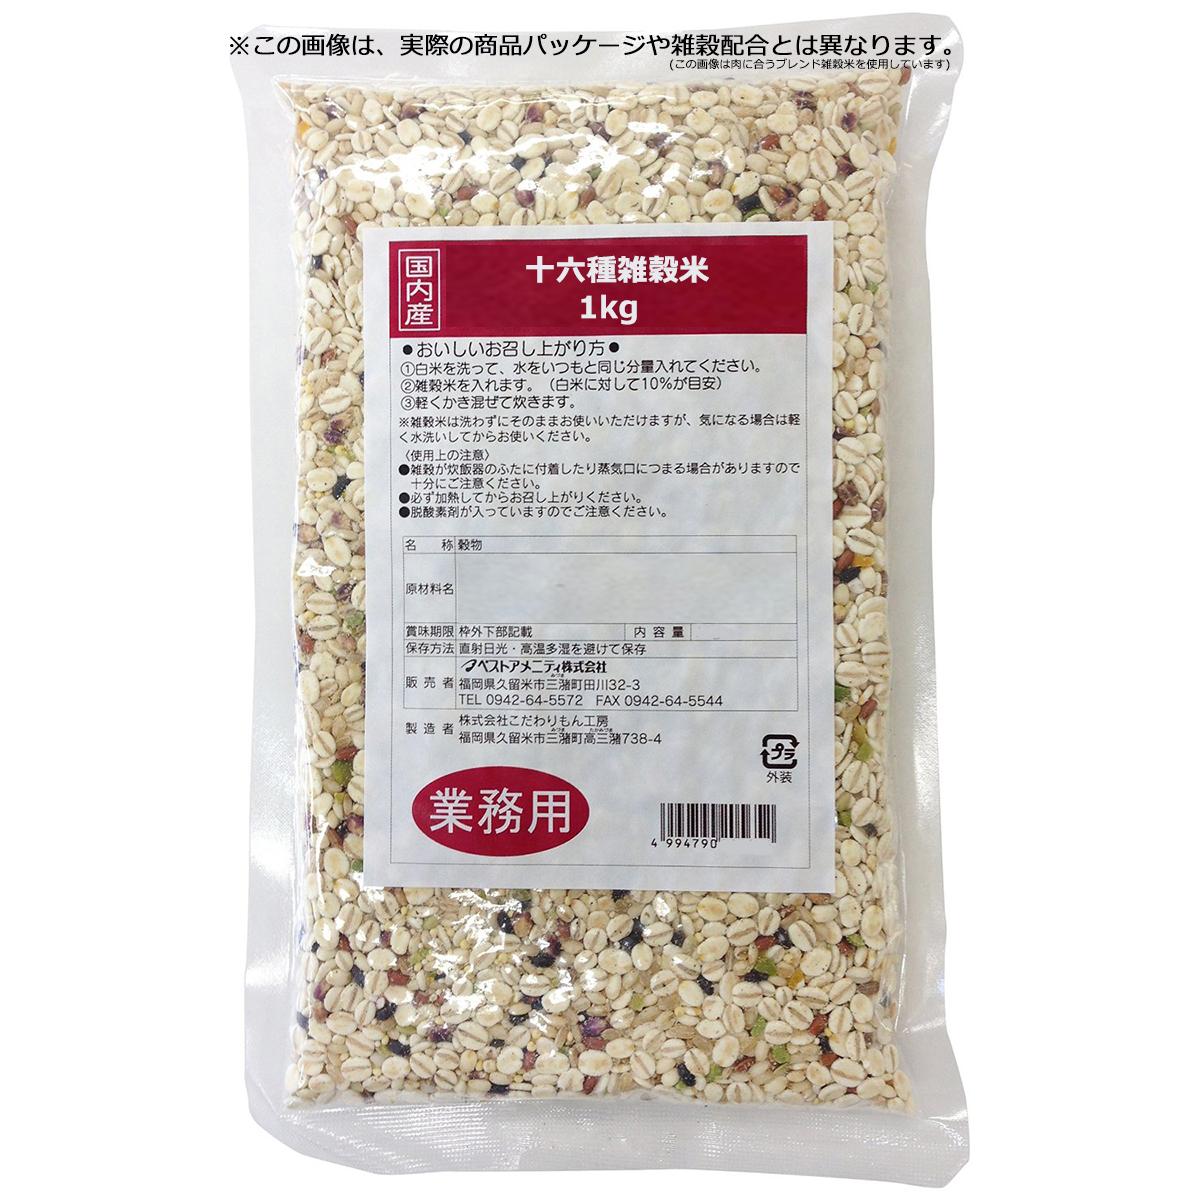 【本日ポイント5倍相当】ベストアメニティ株式会社 国内産 十六種雑穀米〈業務用〉1kg×20個セット(ご注文後のキャンセルができません)【ドラッグピュア市場店】